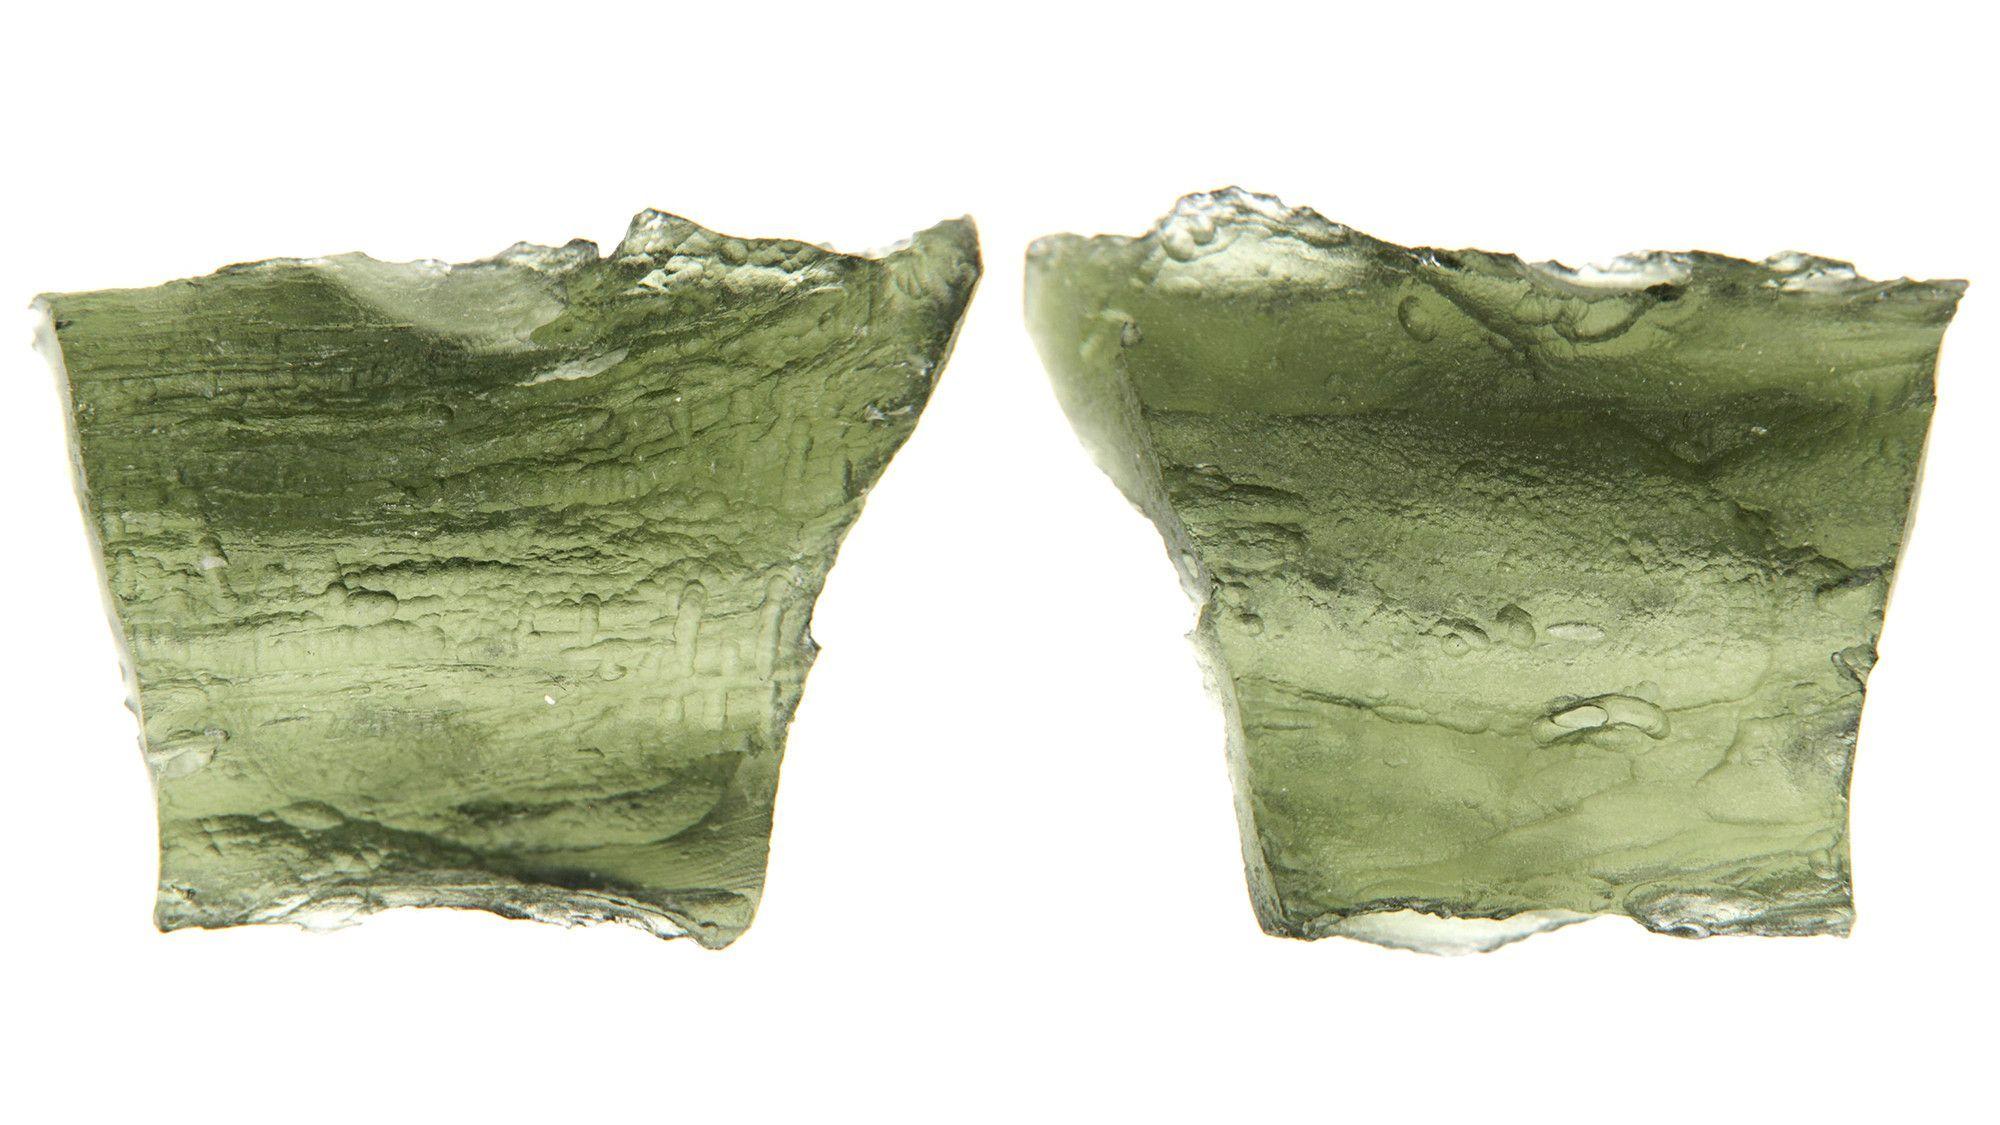 Moldavite (Tektites) Rough - A Mysterious Stone 14.7 Million Years Old